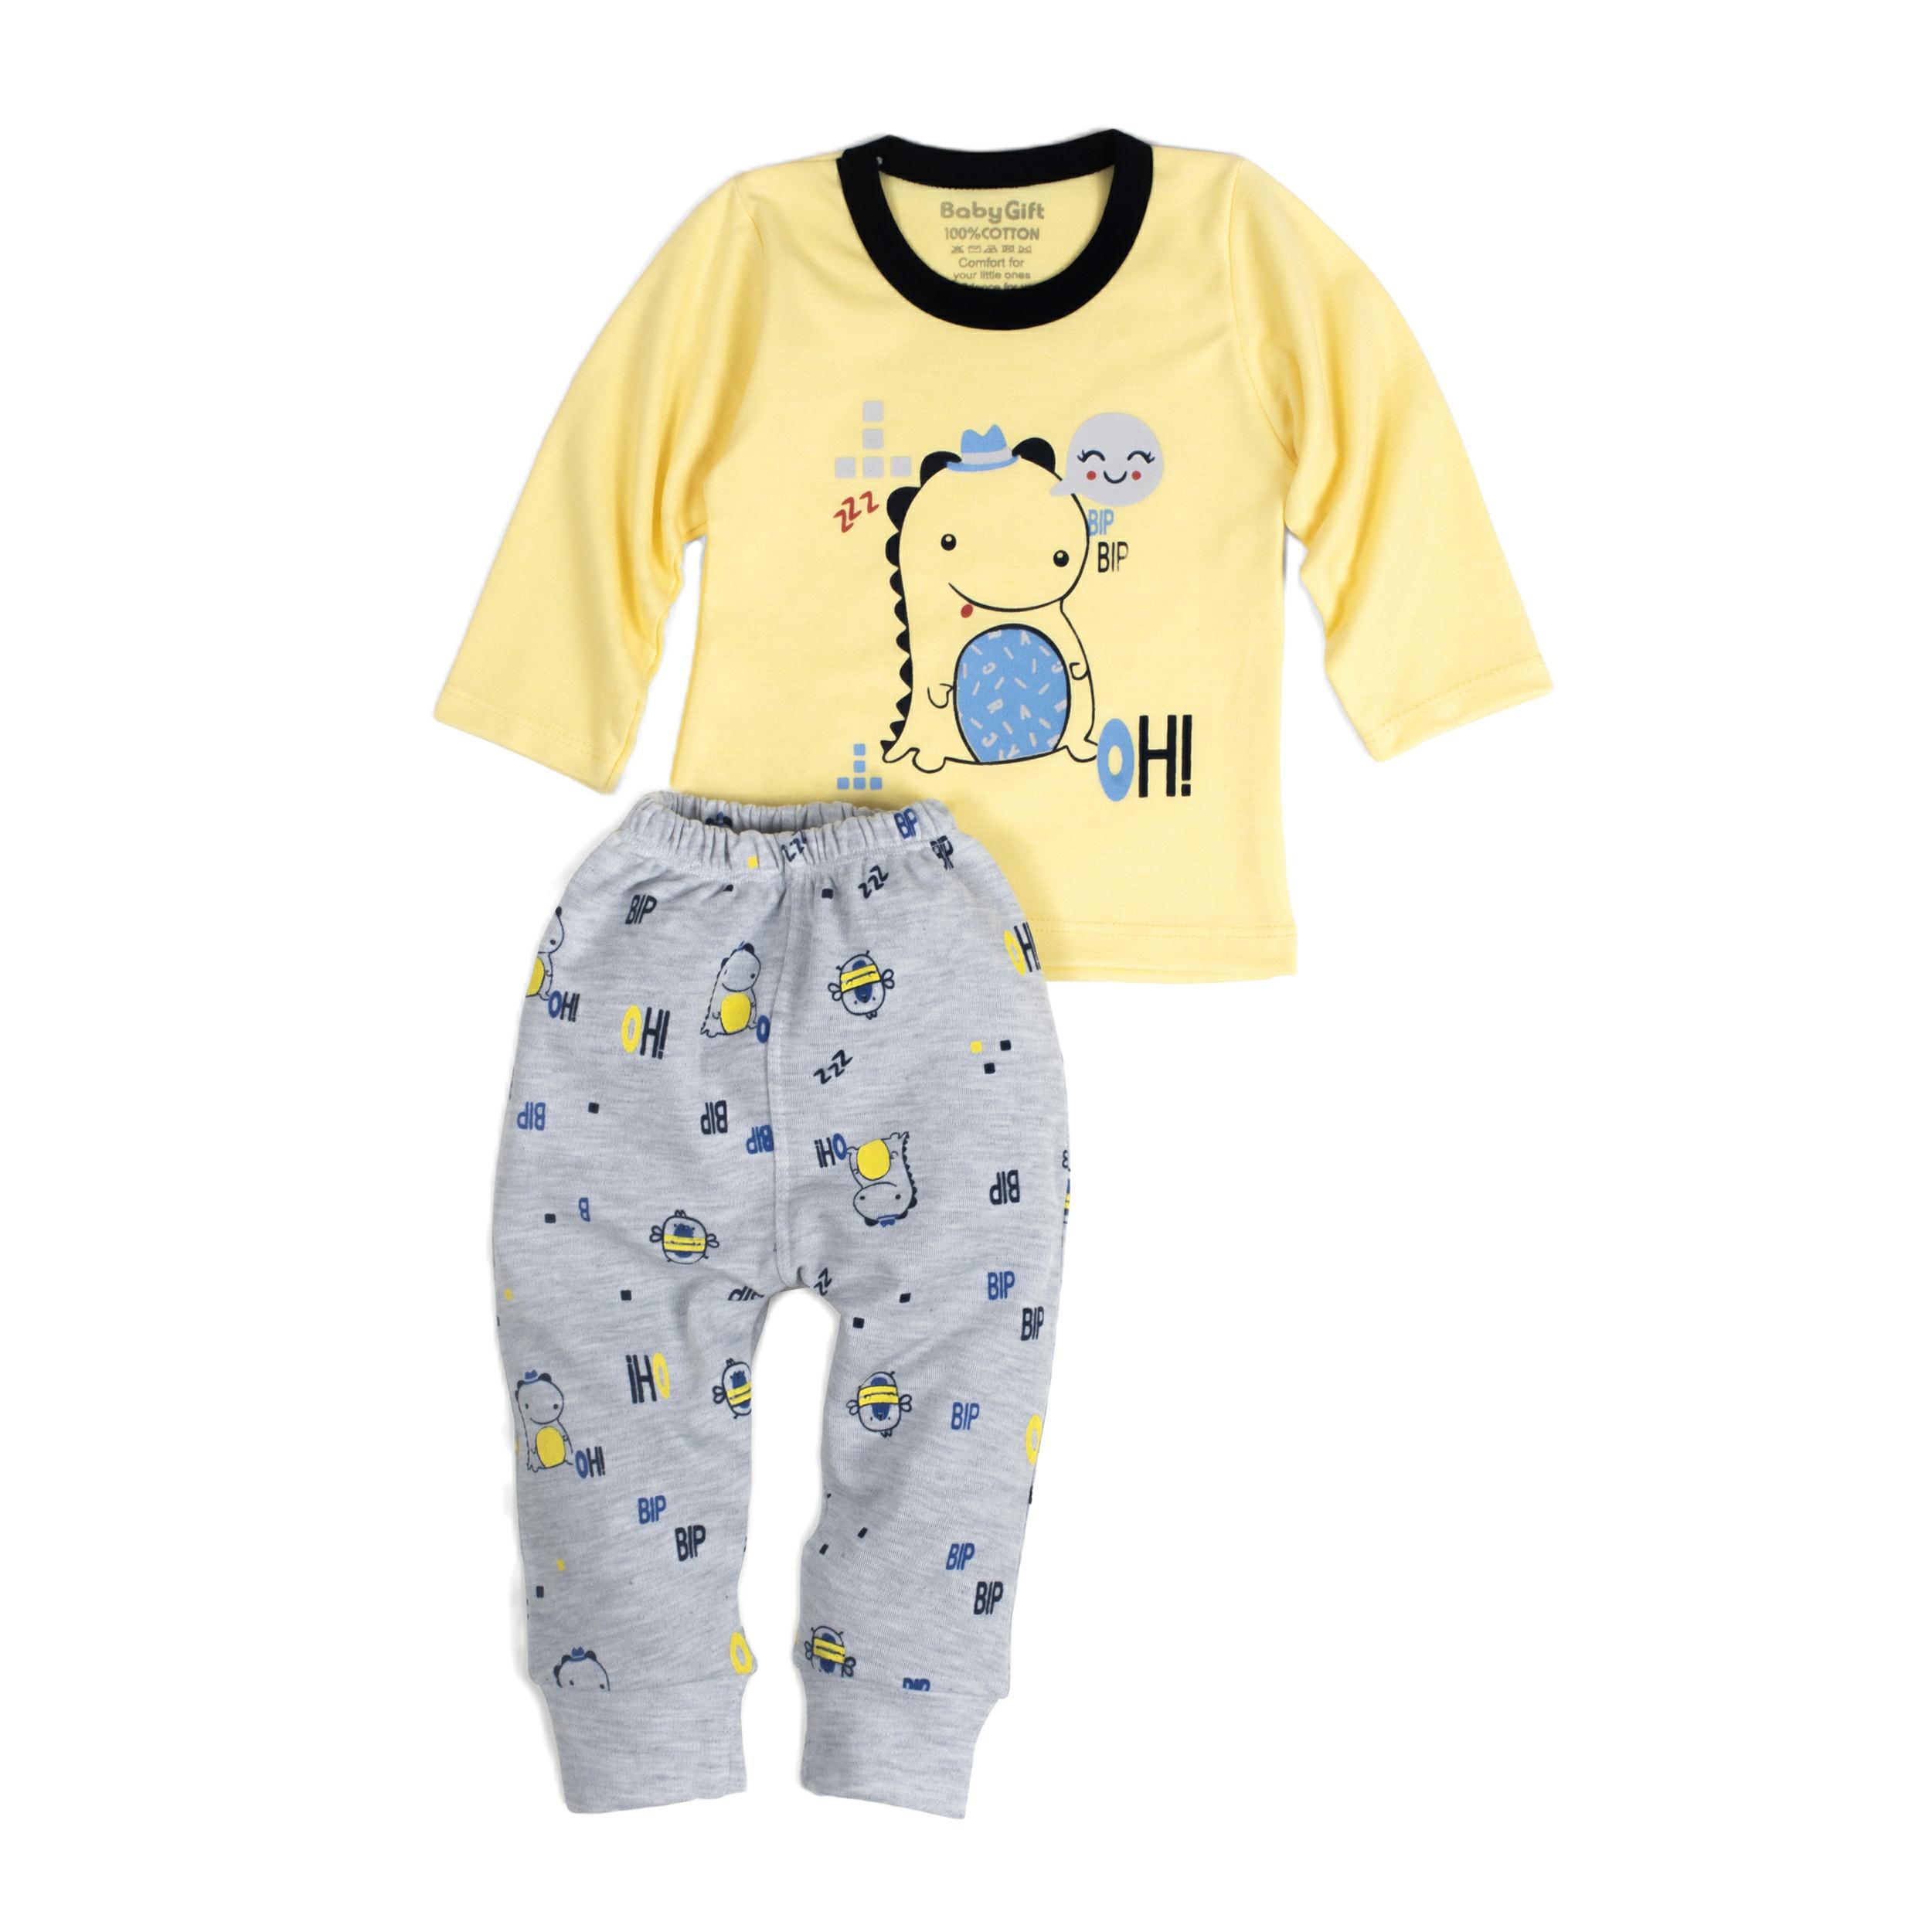 ست تی شرت و شلوار نوزادی مدل اژدها کد 11